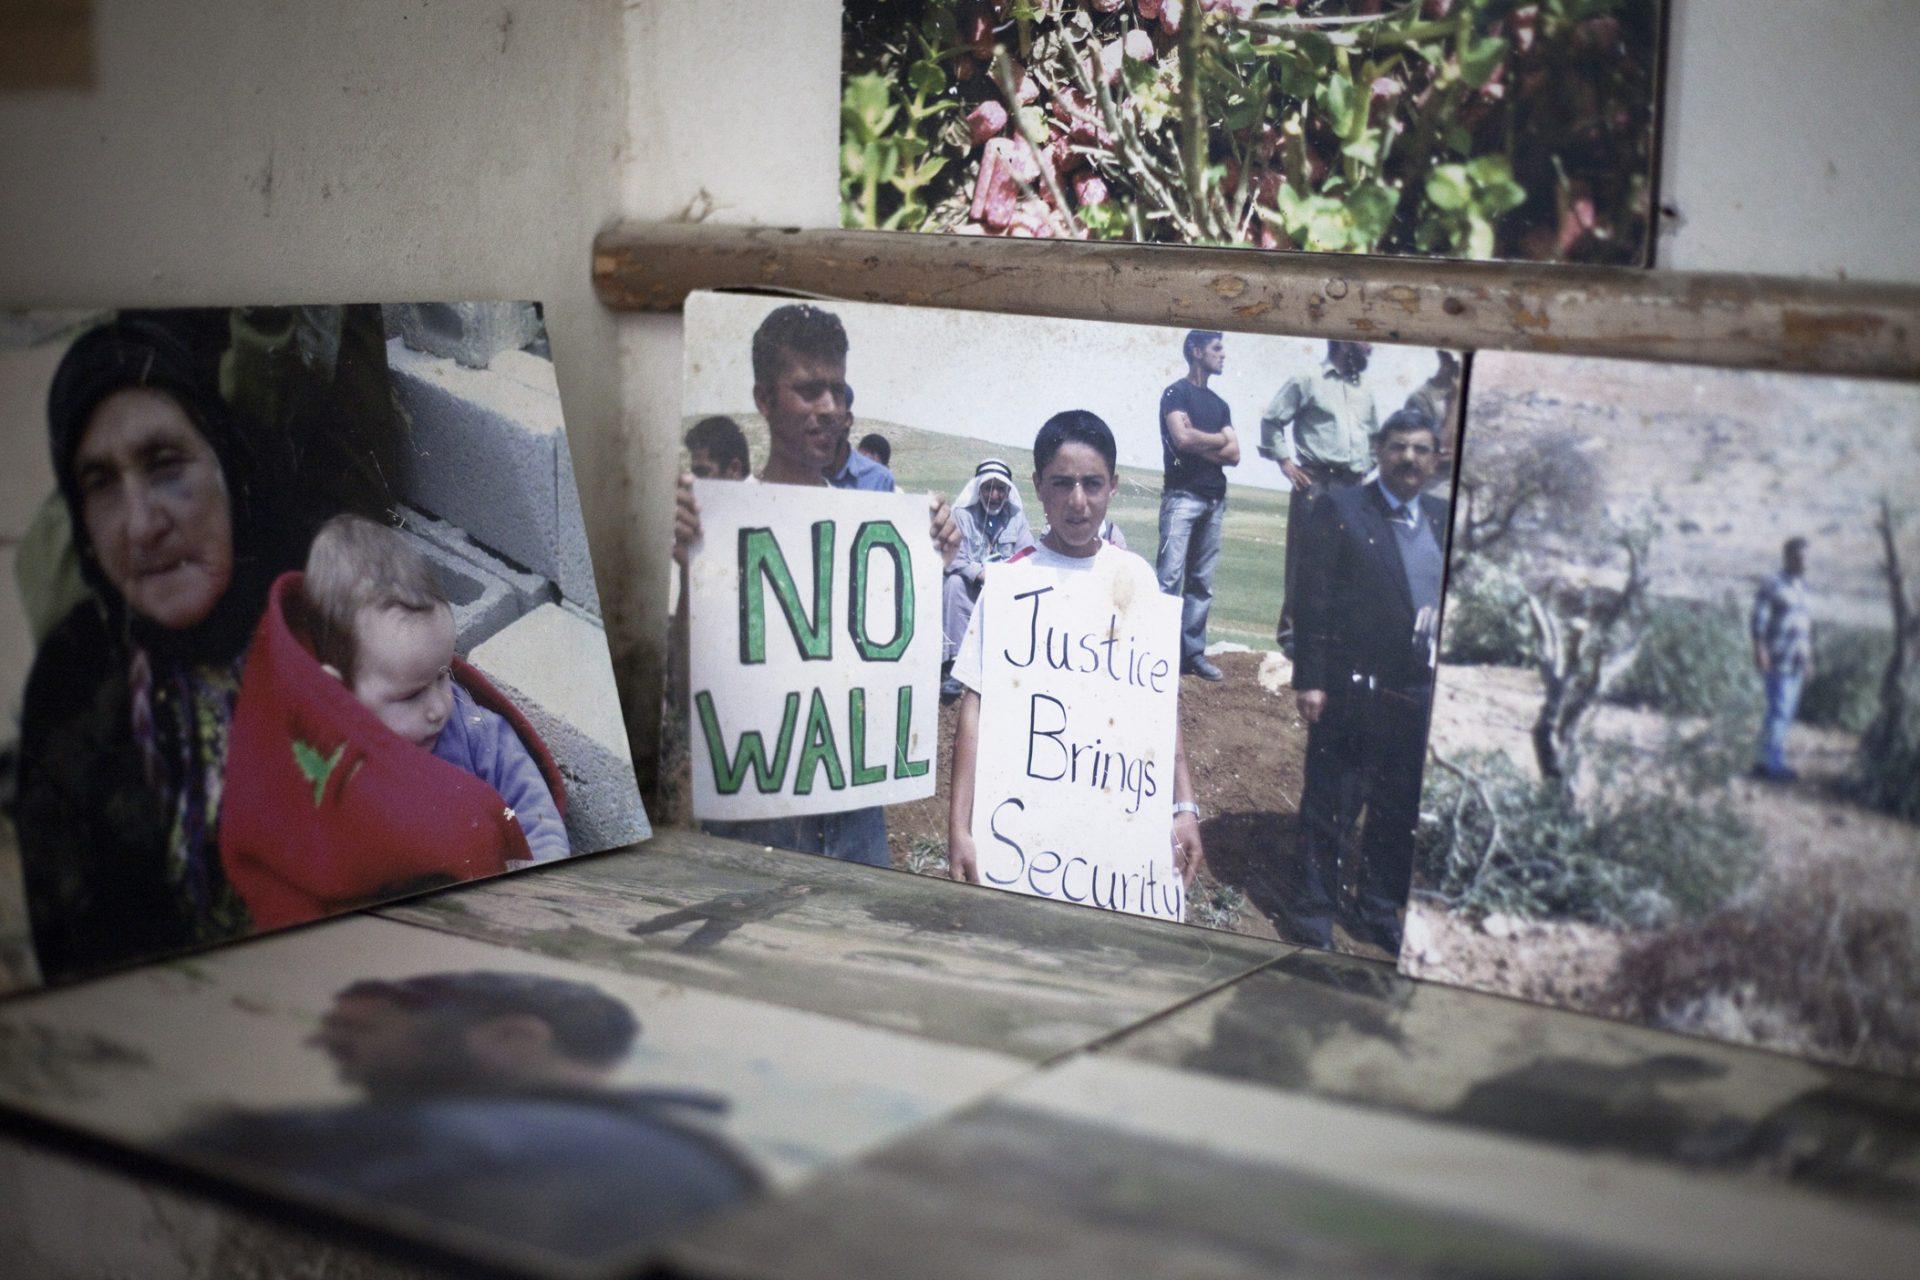 Dans une des maisons d'At-Tuwani, pas de photos de famille, mais le témoignage d'une résistance au long cours...